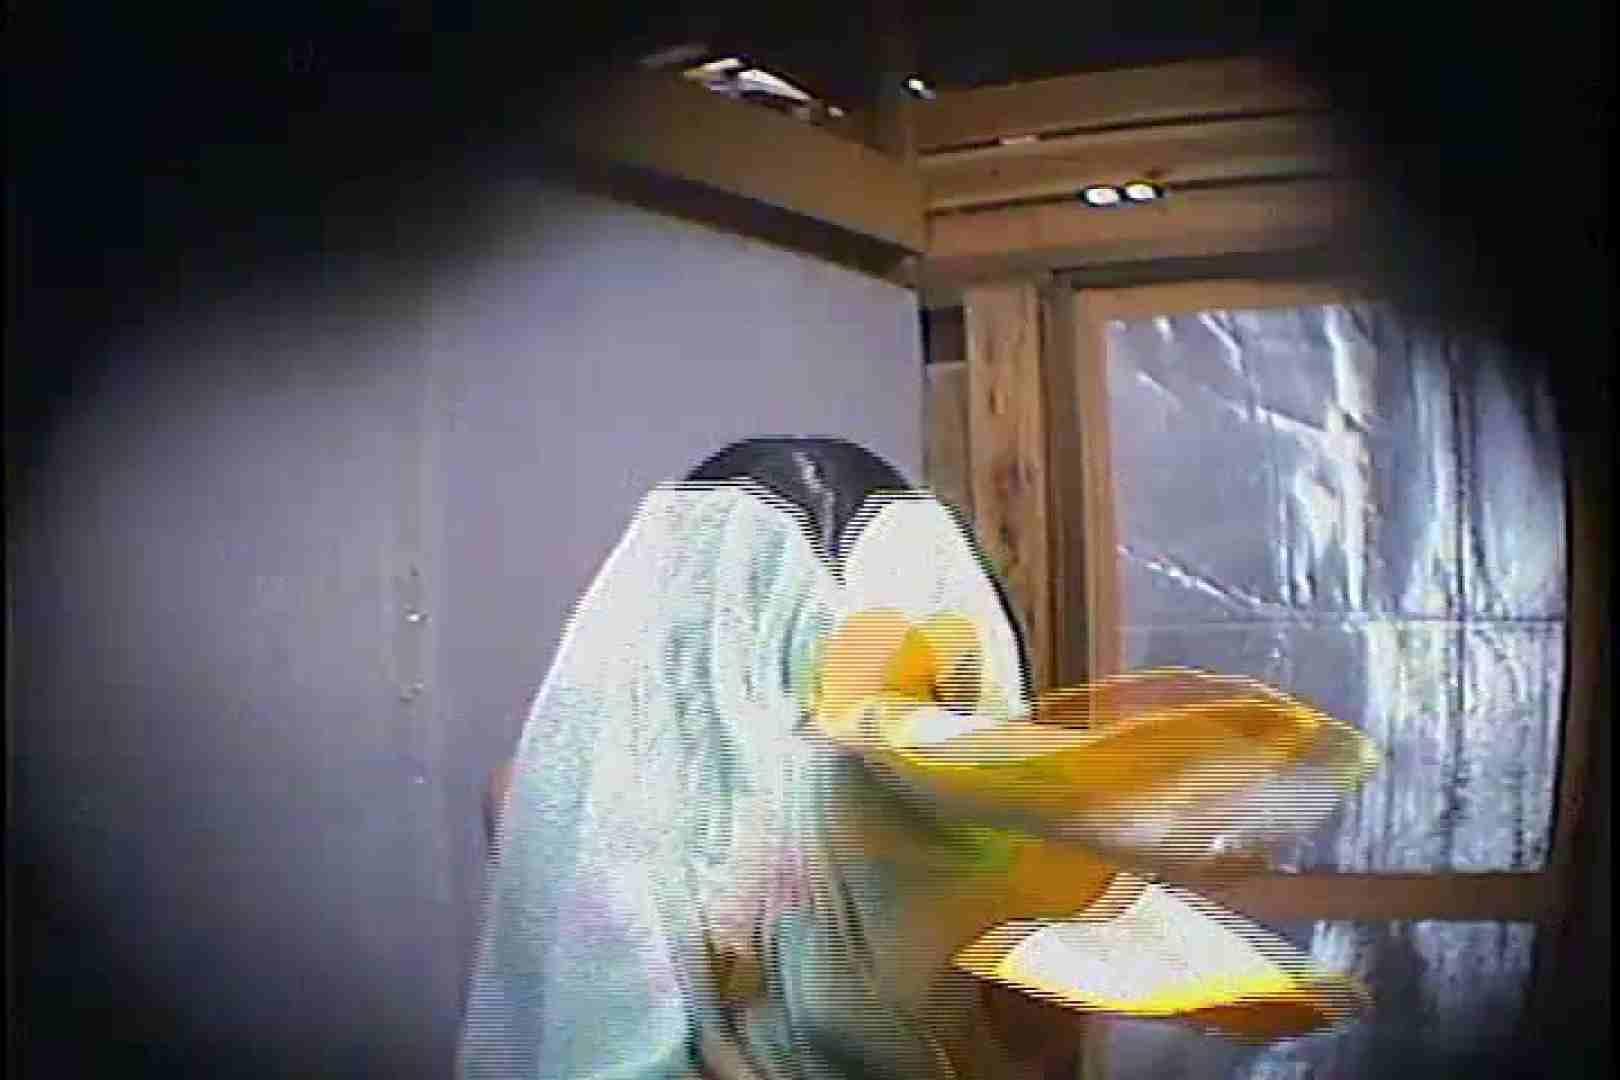 海の家の更衣室 Vol.45 美女 オマンコ無修正動画無料 78画像 16